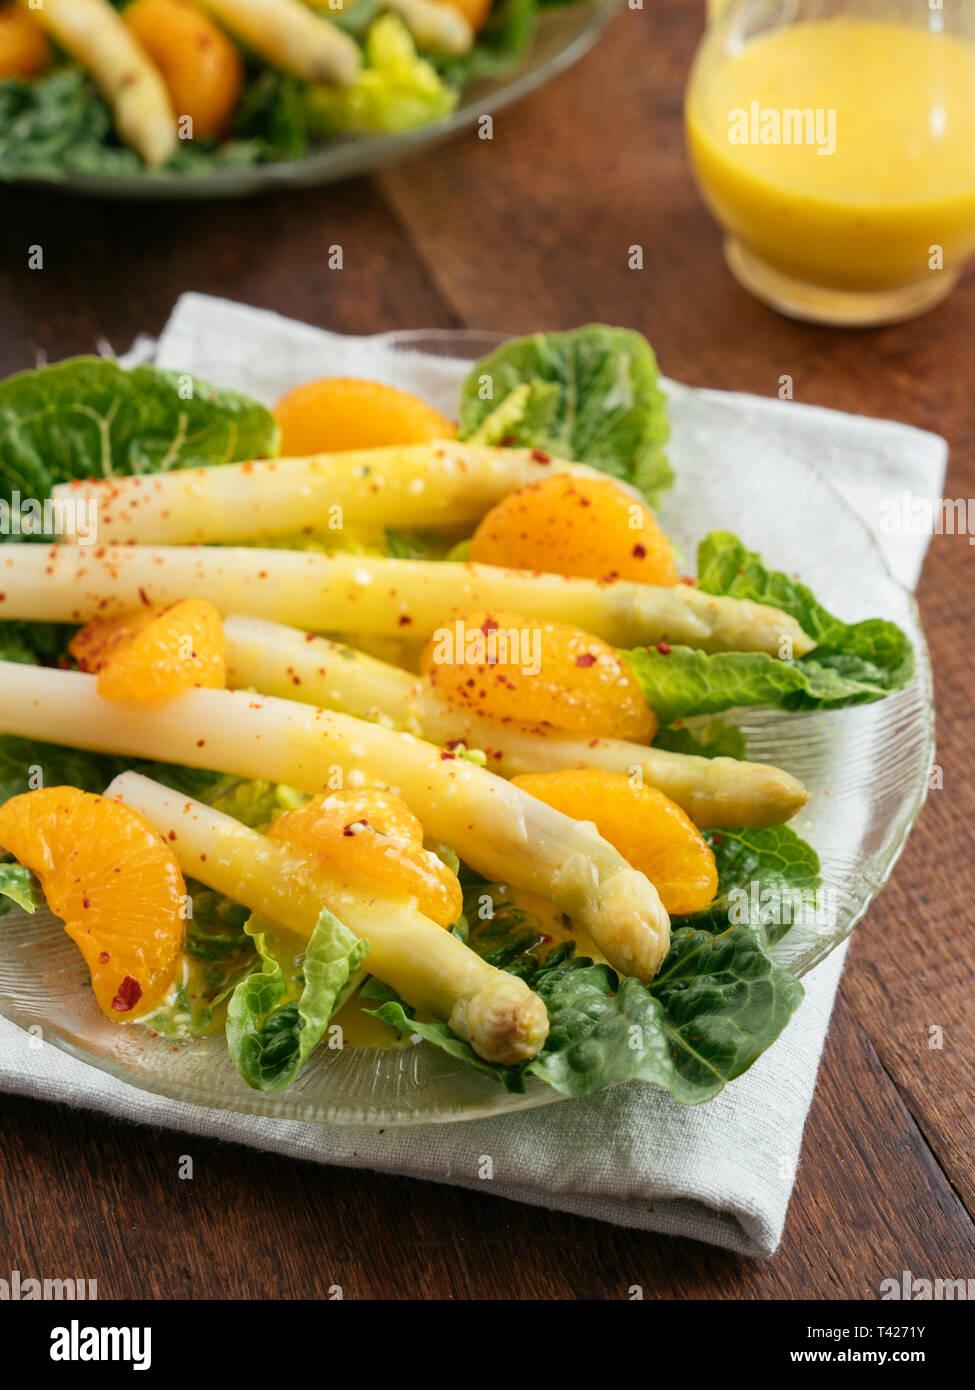 Los espárragos blancos en lechuga con un aderezo de naranja Foto de stock